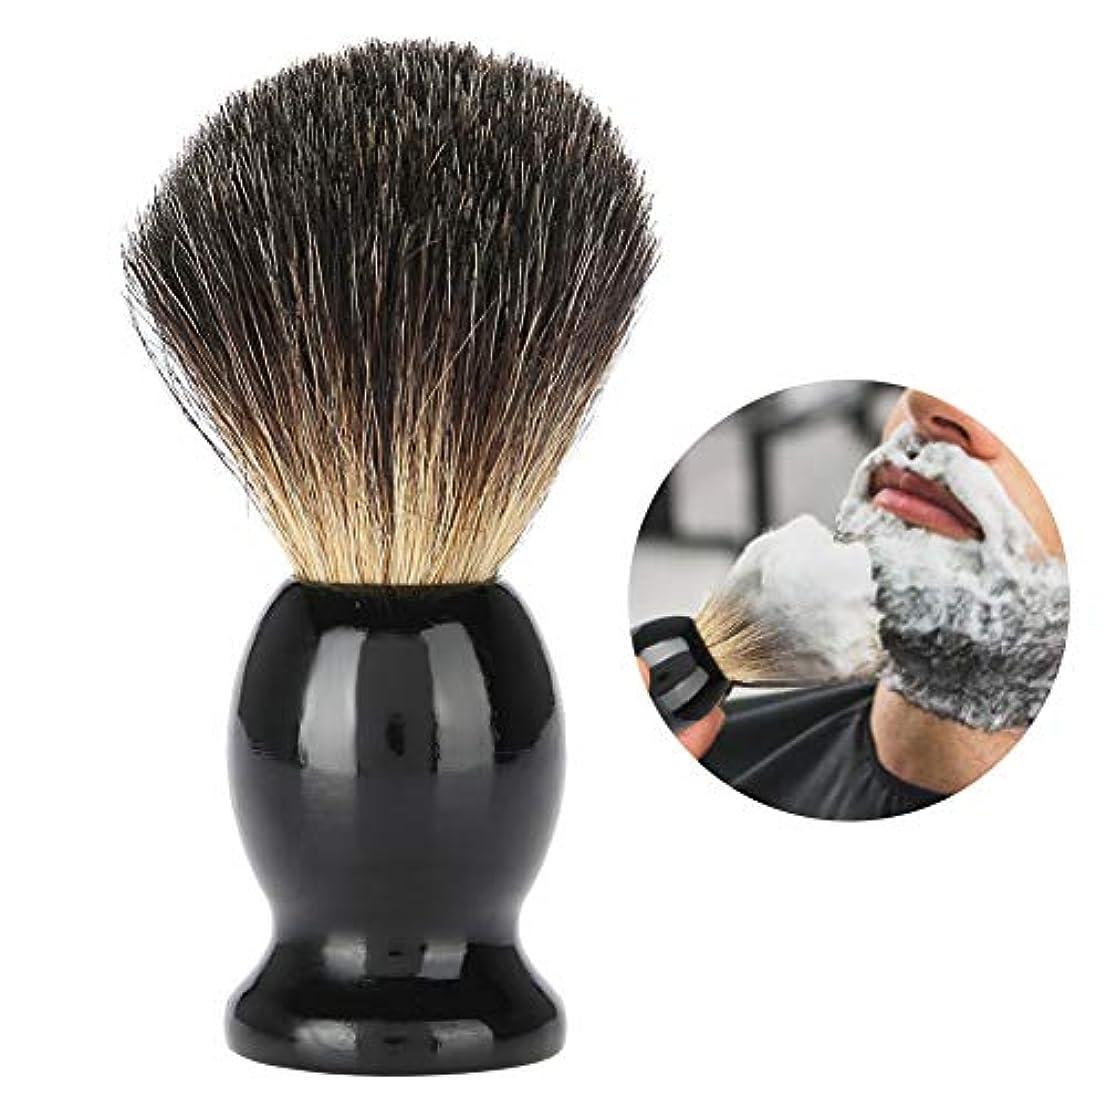 更新お肉強調するYuyteポータブル男性ウッドハンドル髭剃りブラシ理髪店サロンツール